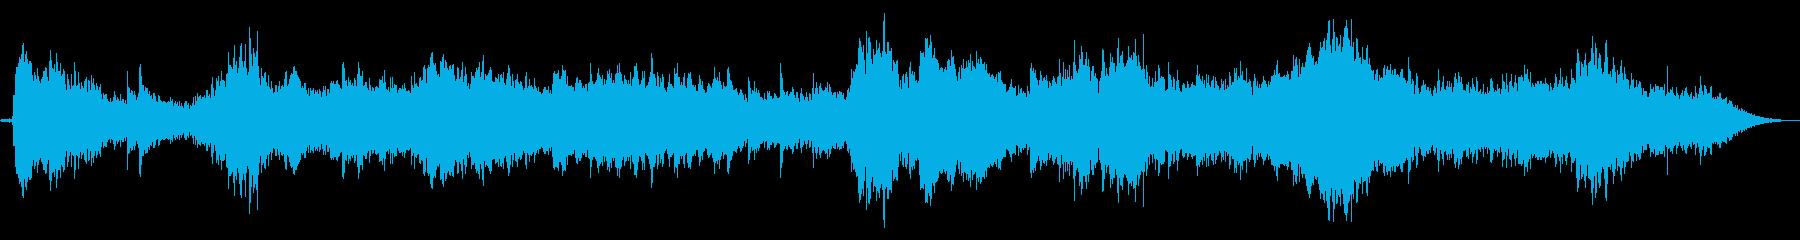 異次元空間のようなBGMの再生済みの波形